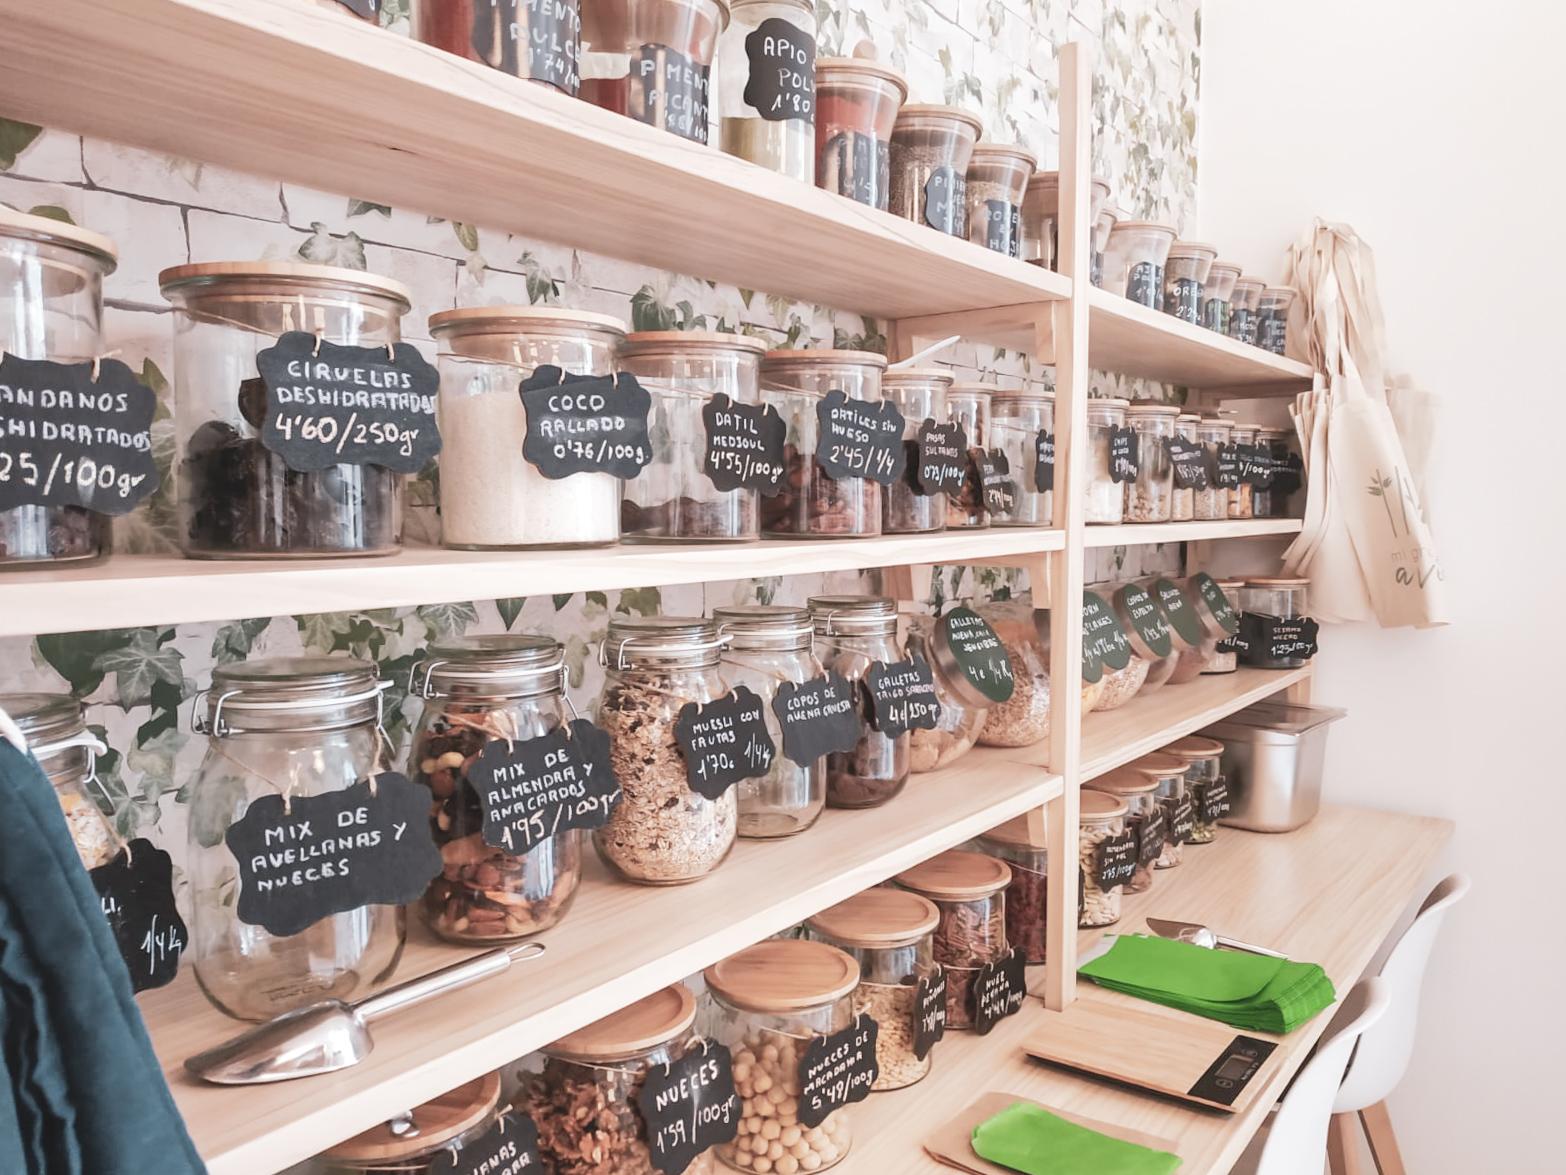 Mi granito de avena, estanterías dela tienda con productos a granel